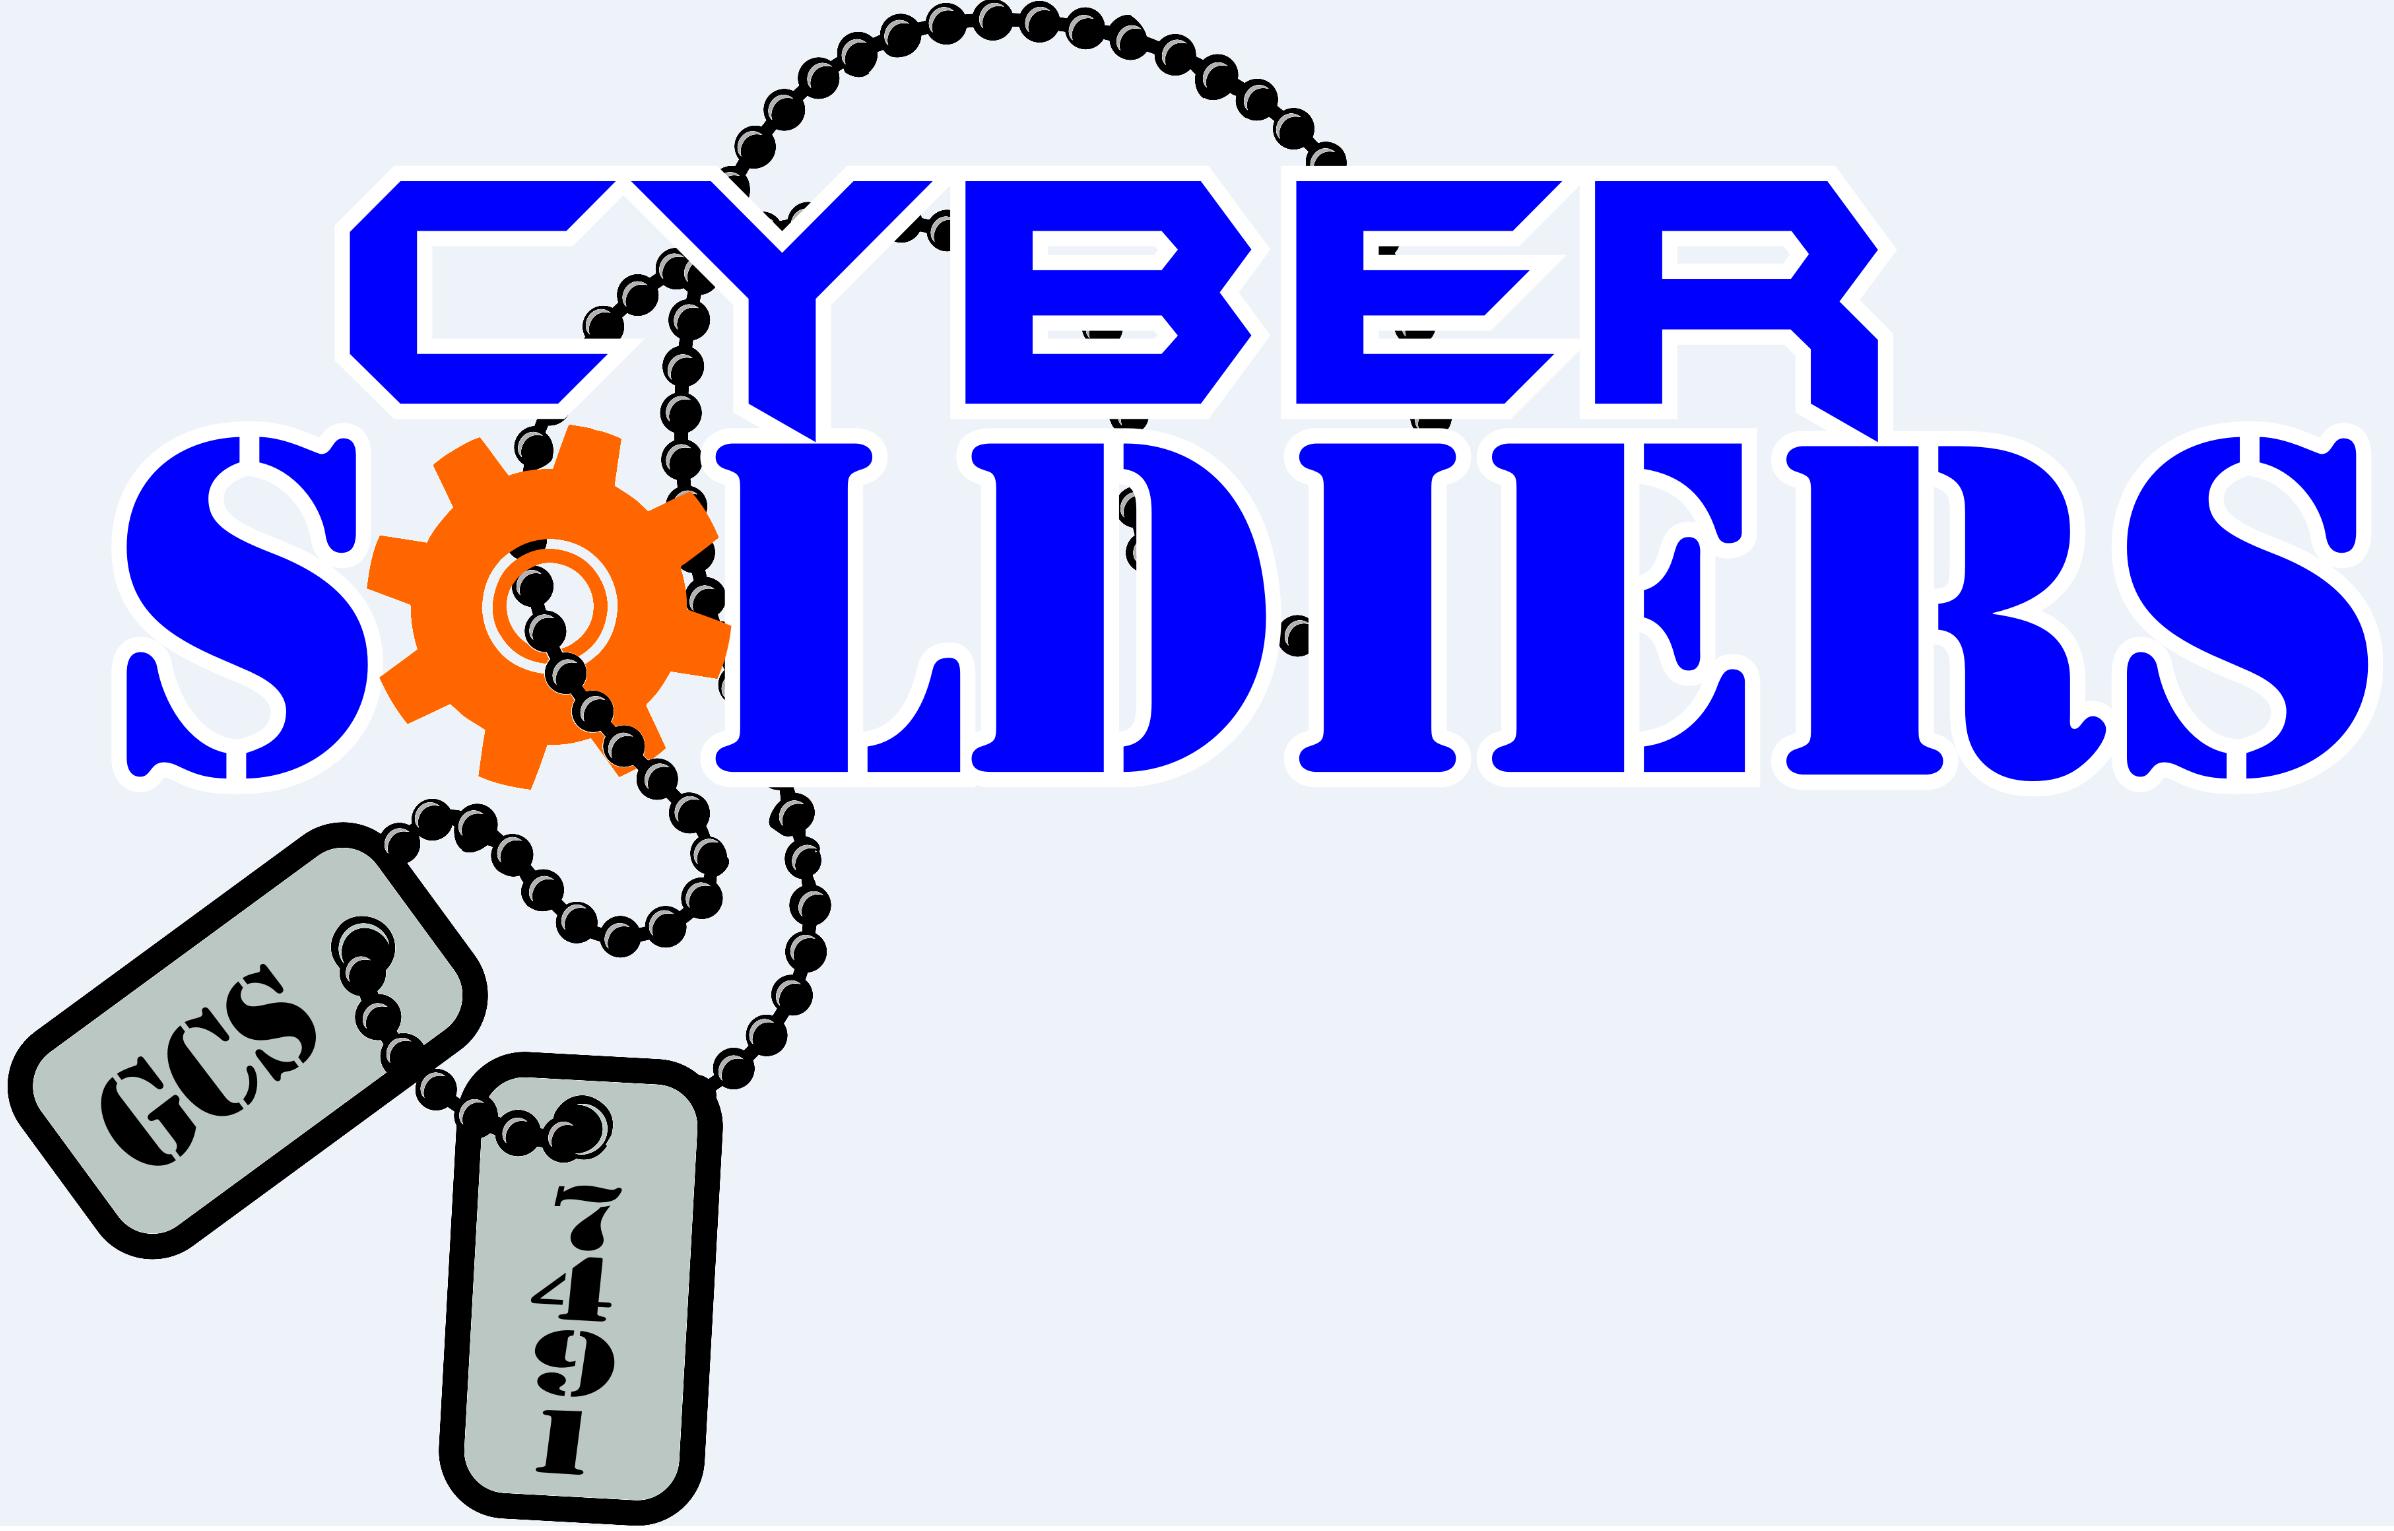 Cybersoldiers7491